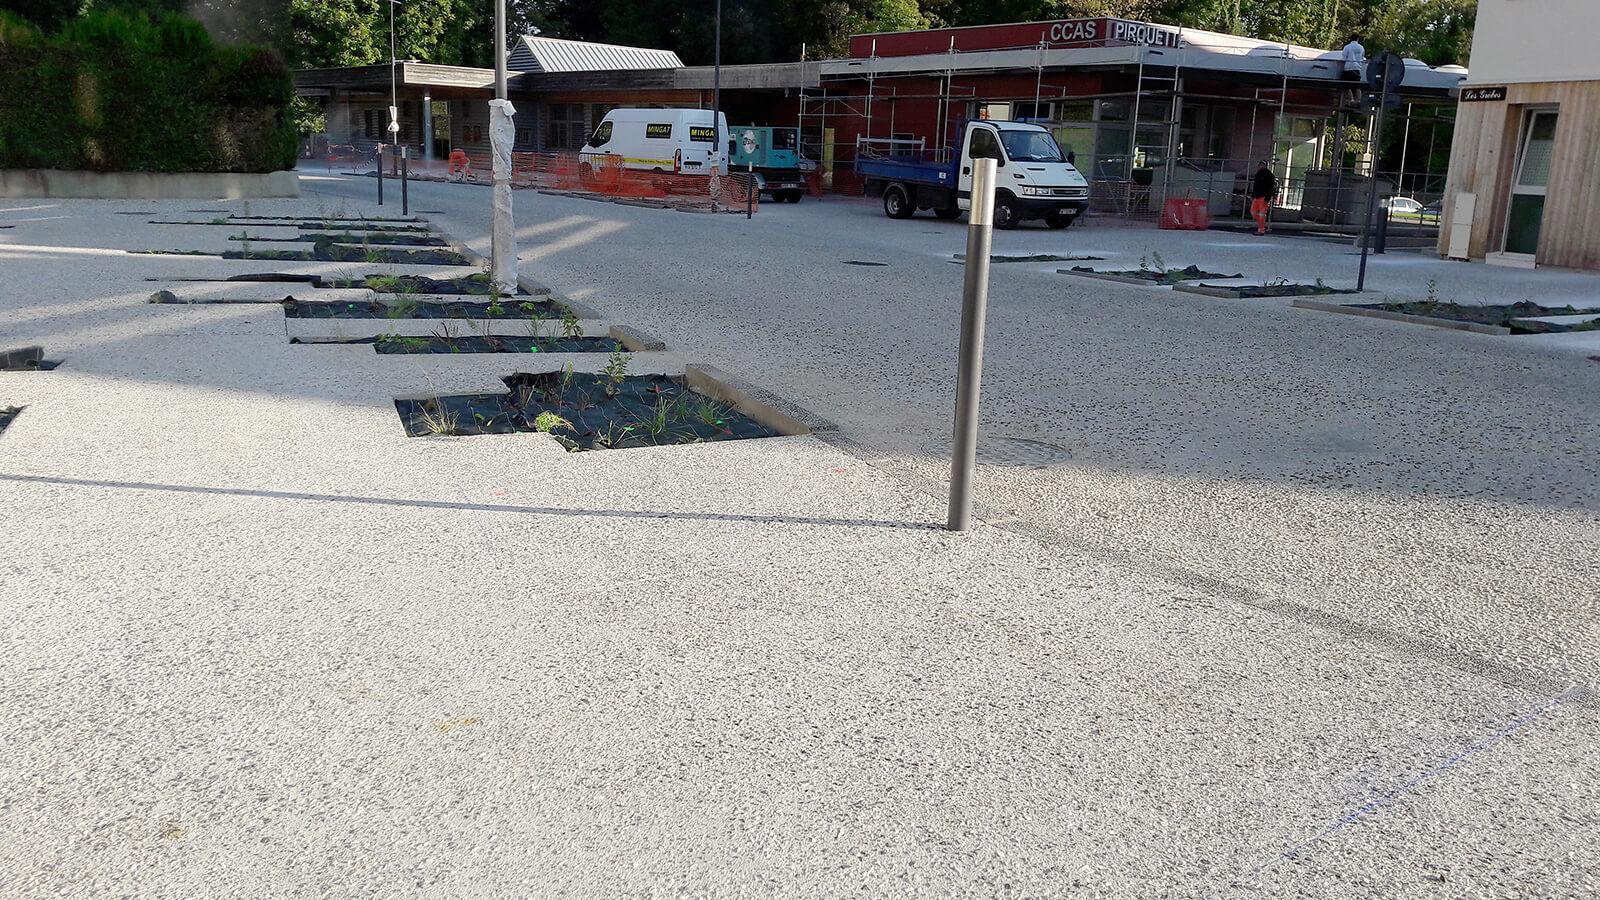 Livraison béton pour professionnels Annecy, Le Bourget du lac - Ceccon Béton Carrières